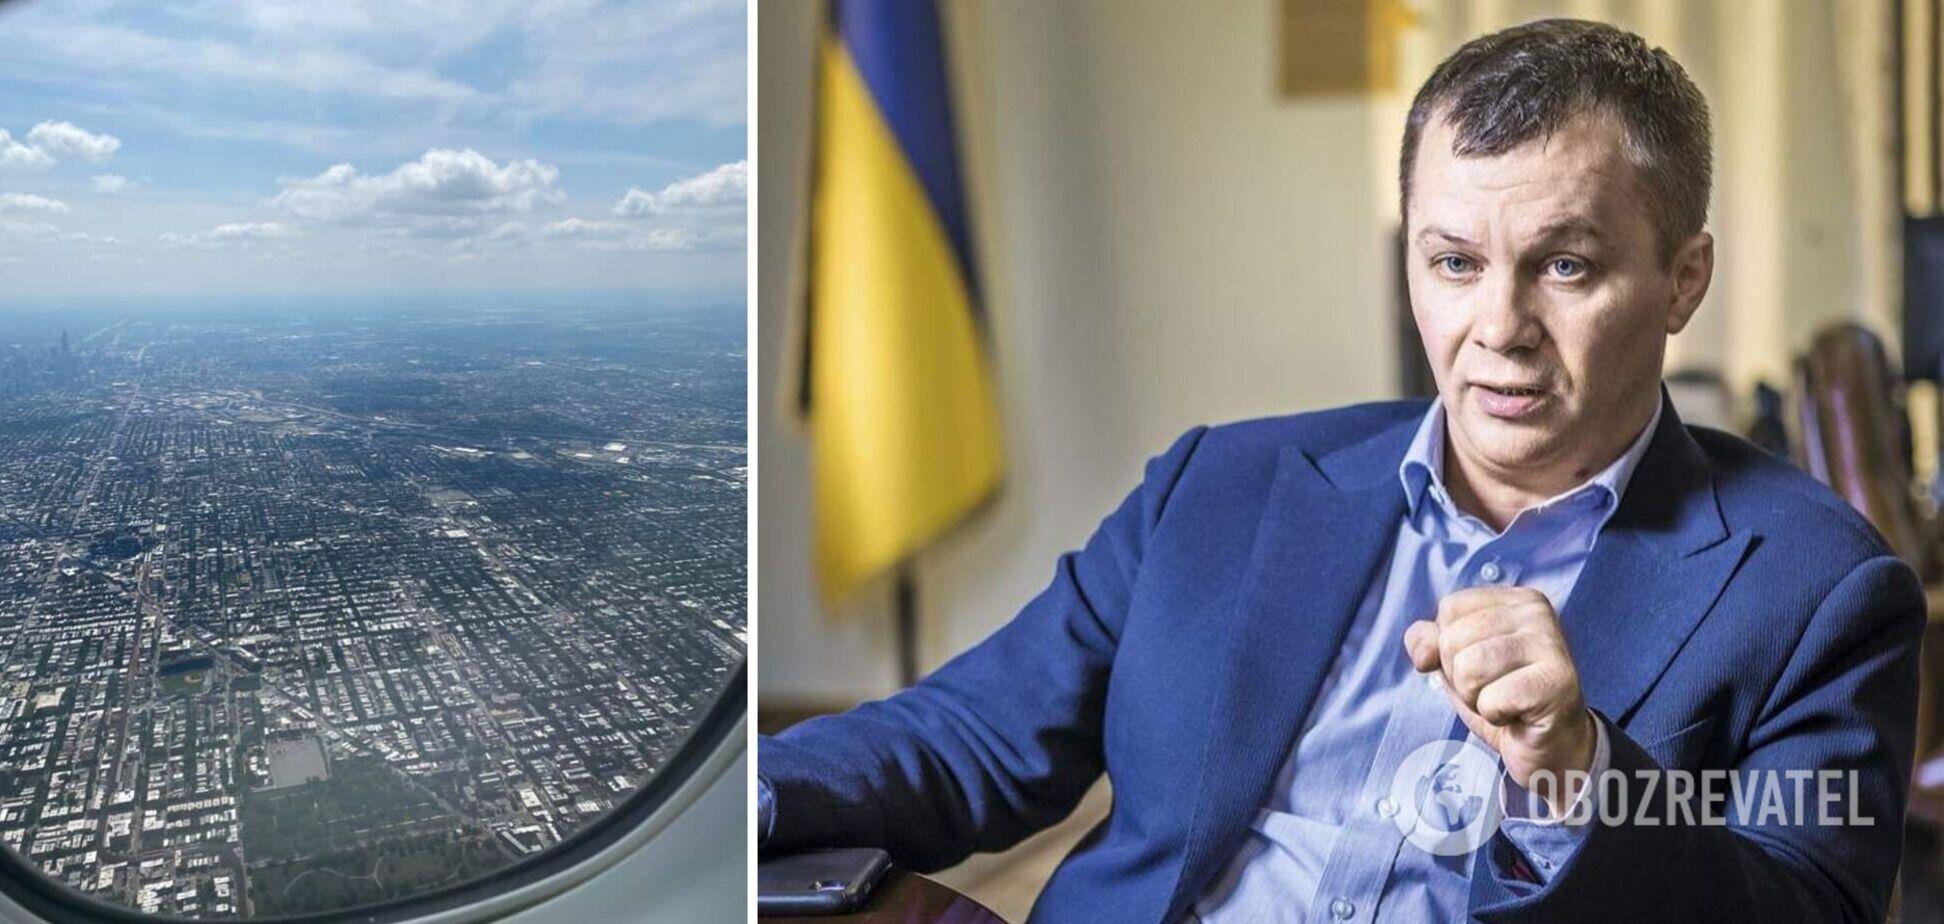 Грин-карта, квартира и машина: Милованов рассказал о приезде в США